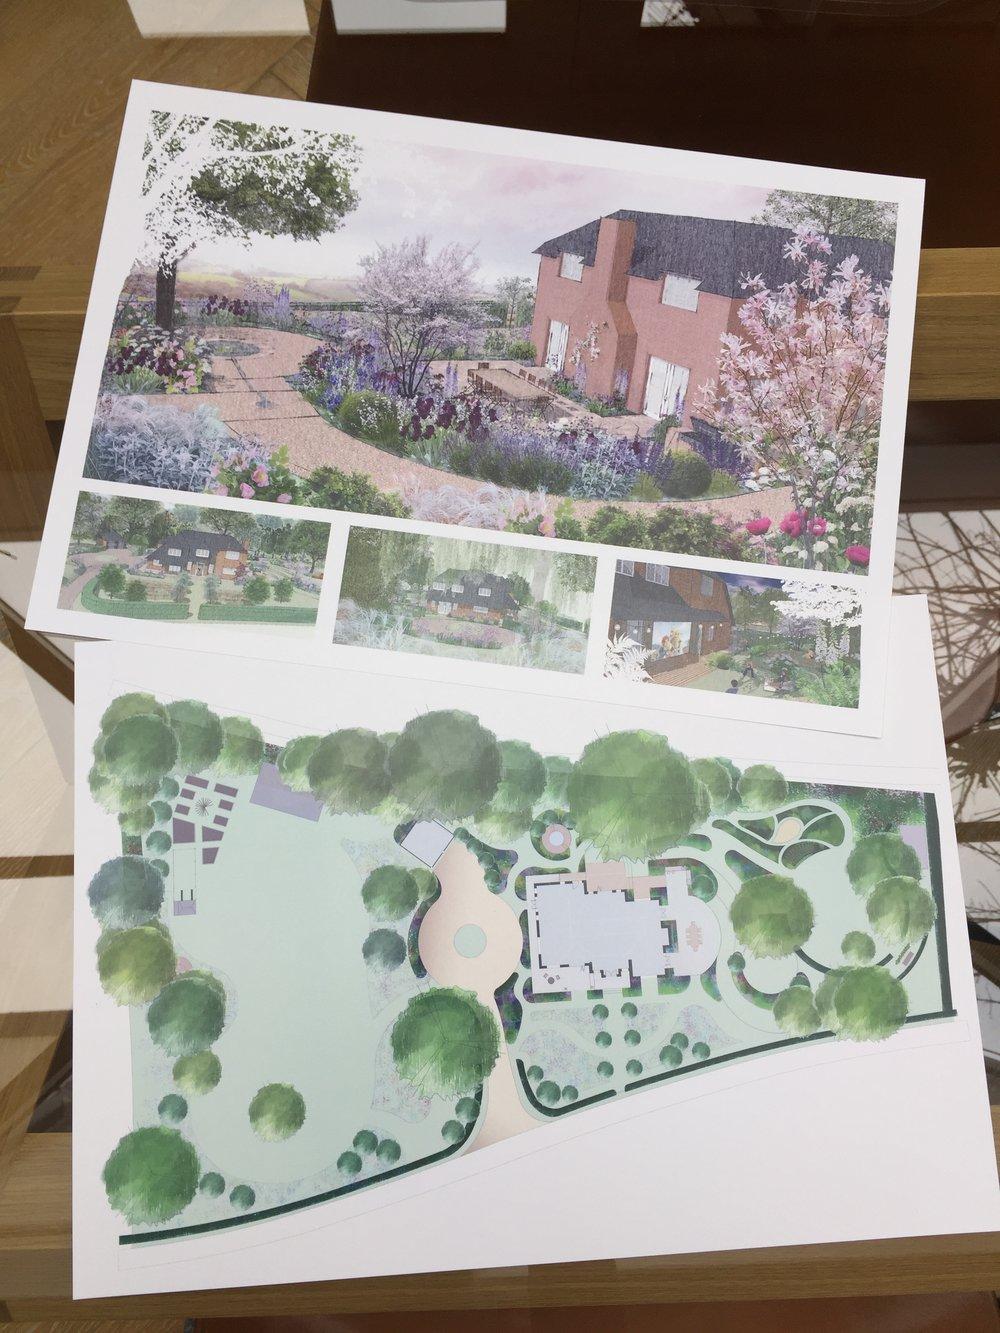 Concept design for Hampshire country garden